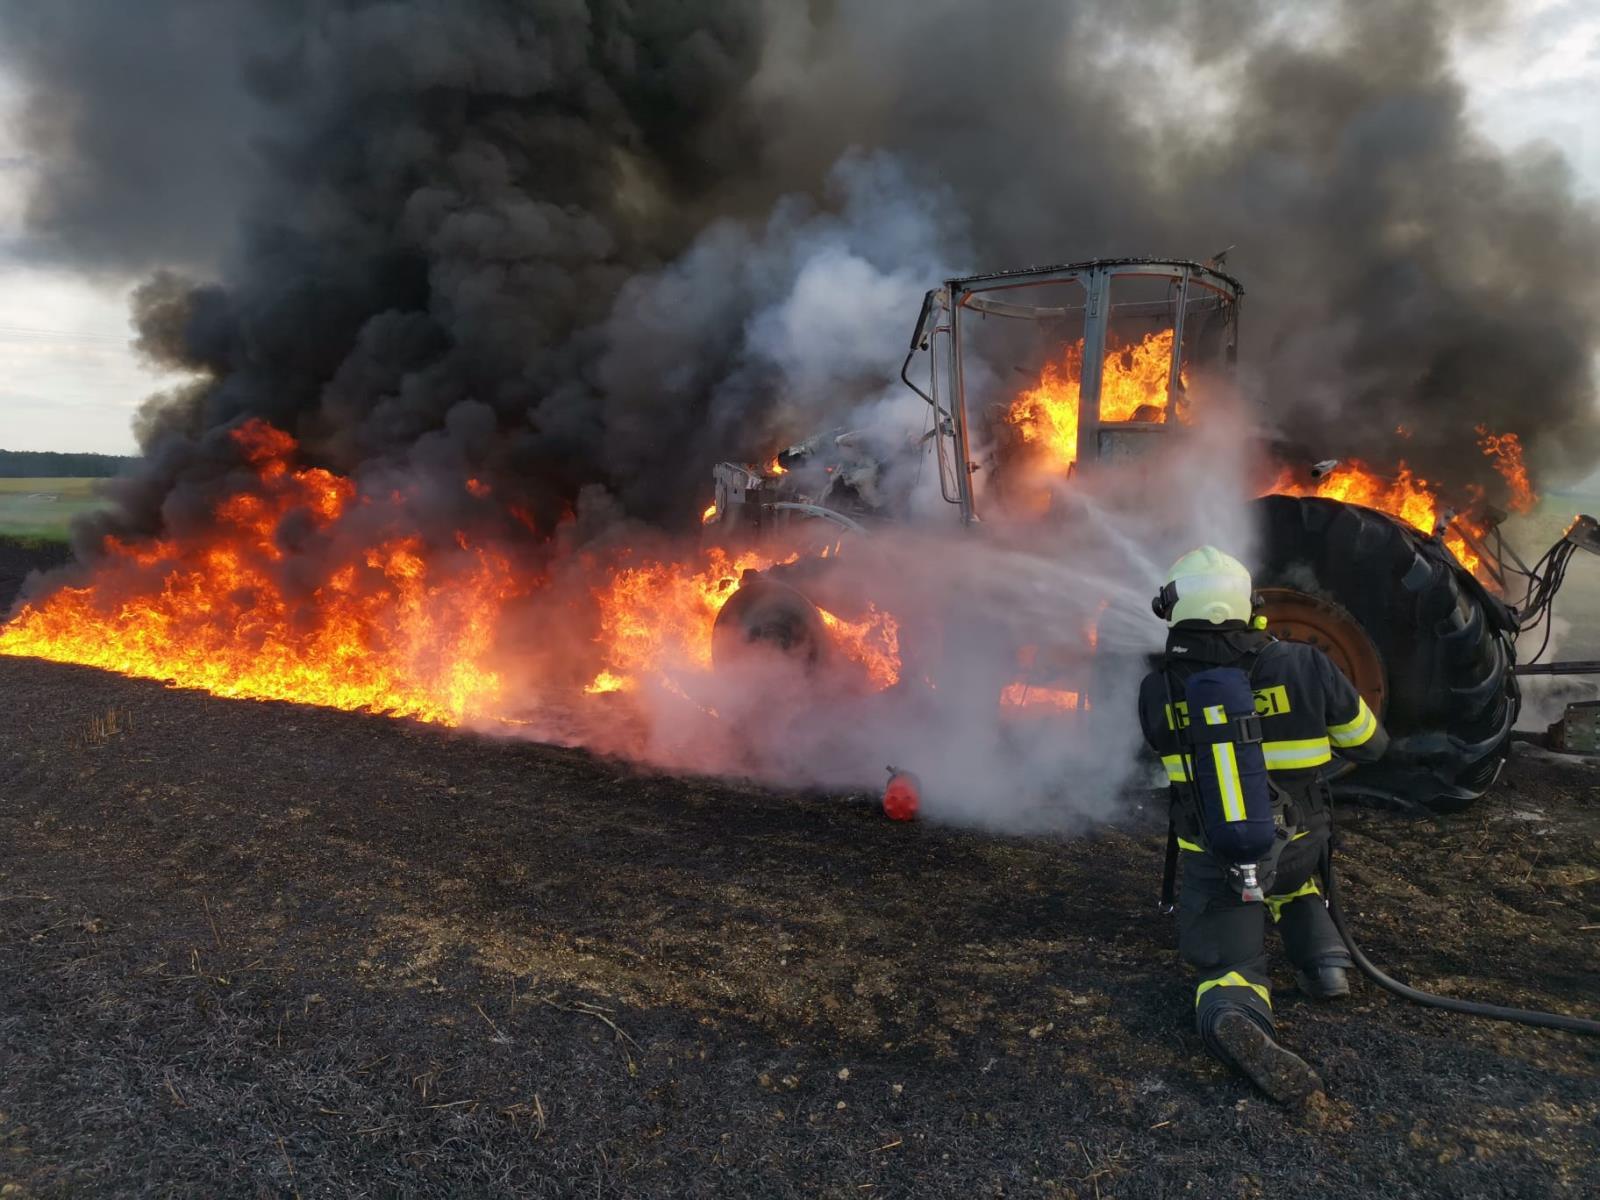 6_JČK_Požár traktoru_hořící stroj, před ním je zasahující hasič.jpg